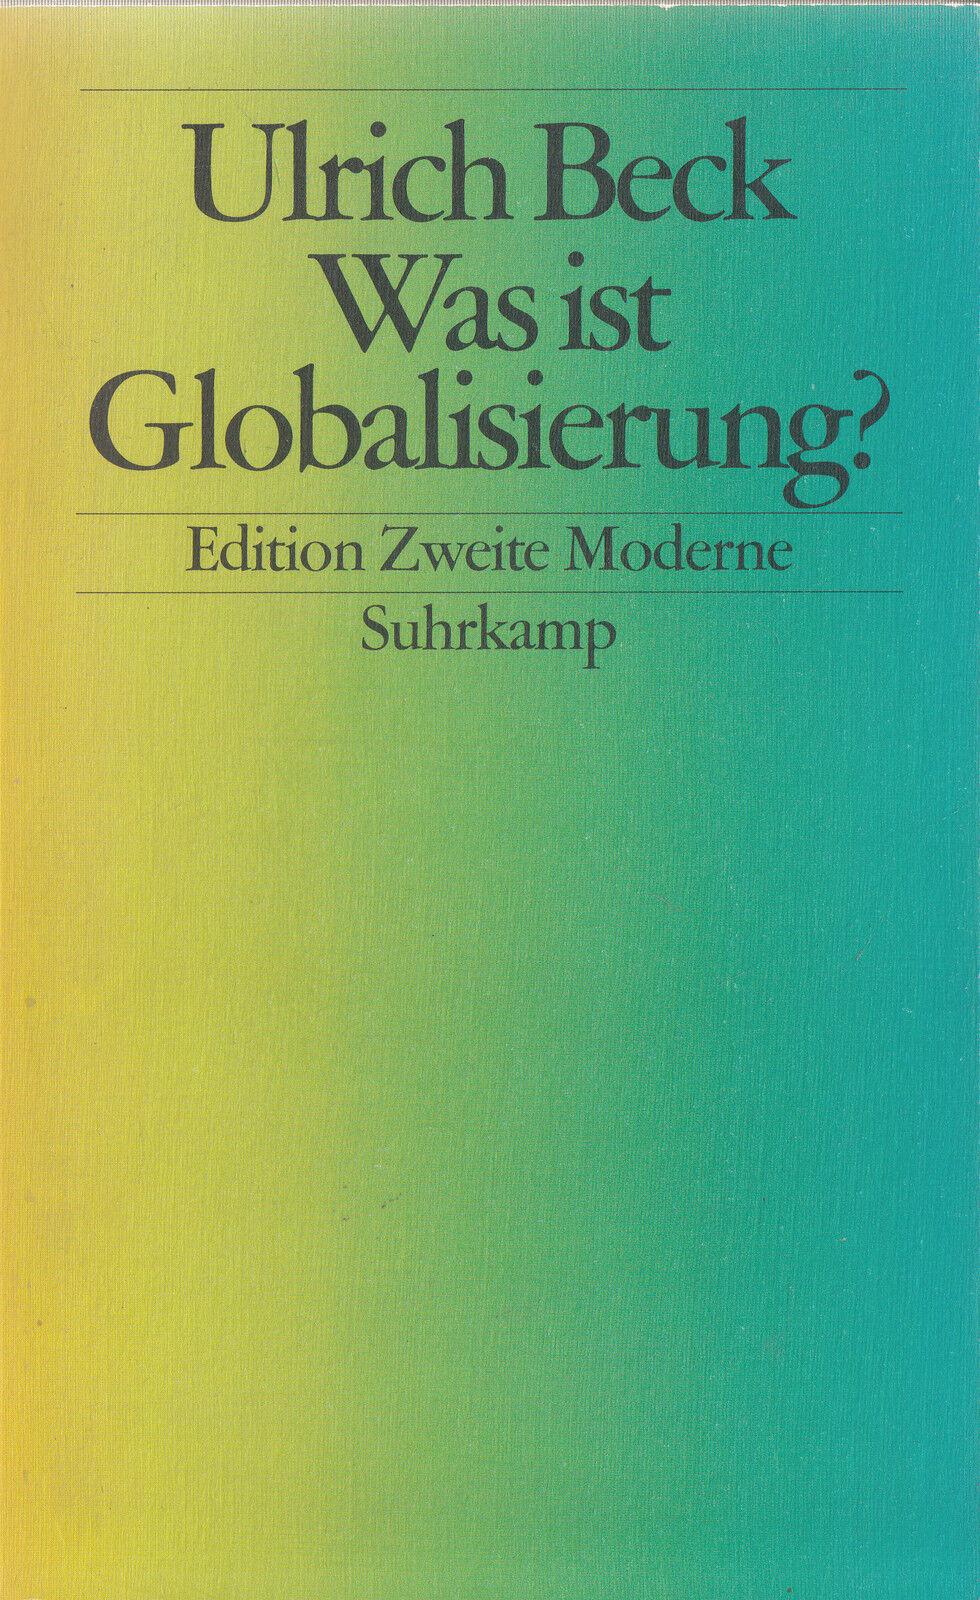 su- e ZM BECK : WAS IST GLOBALISIERUNG ? - Meine Beschreibung